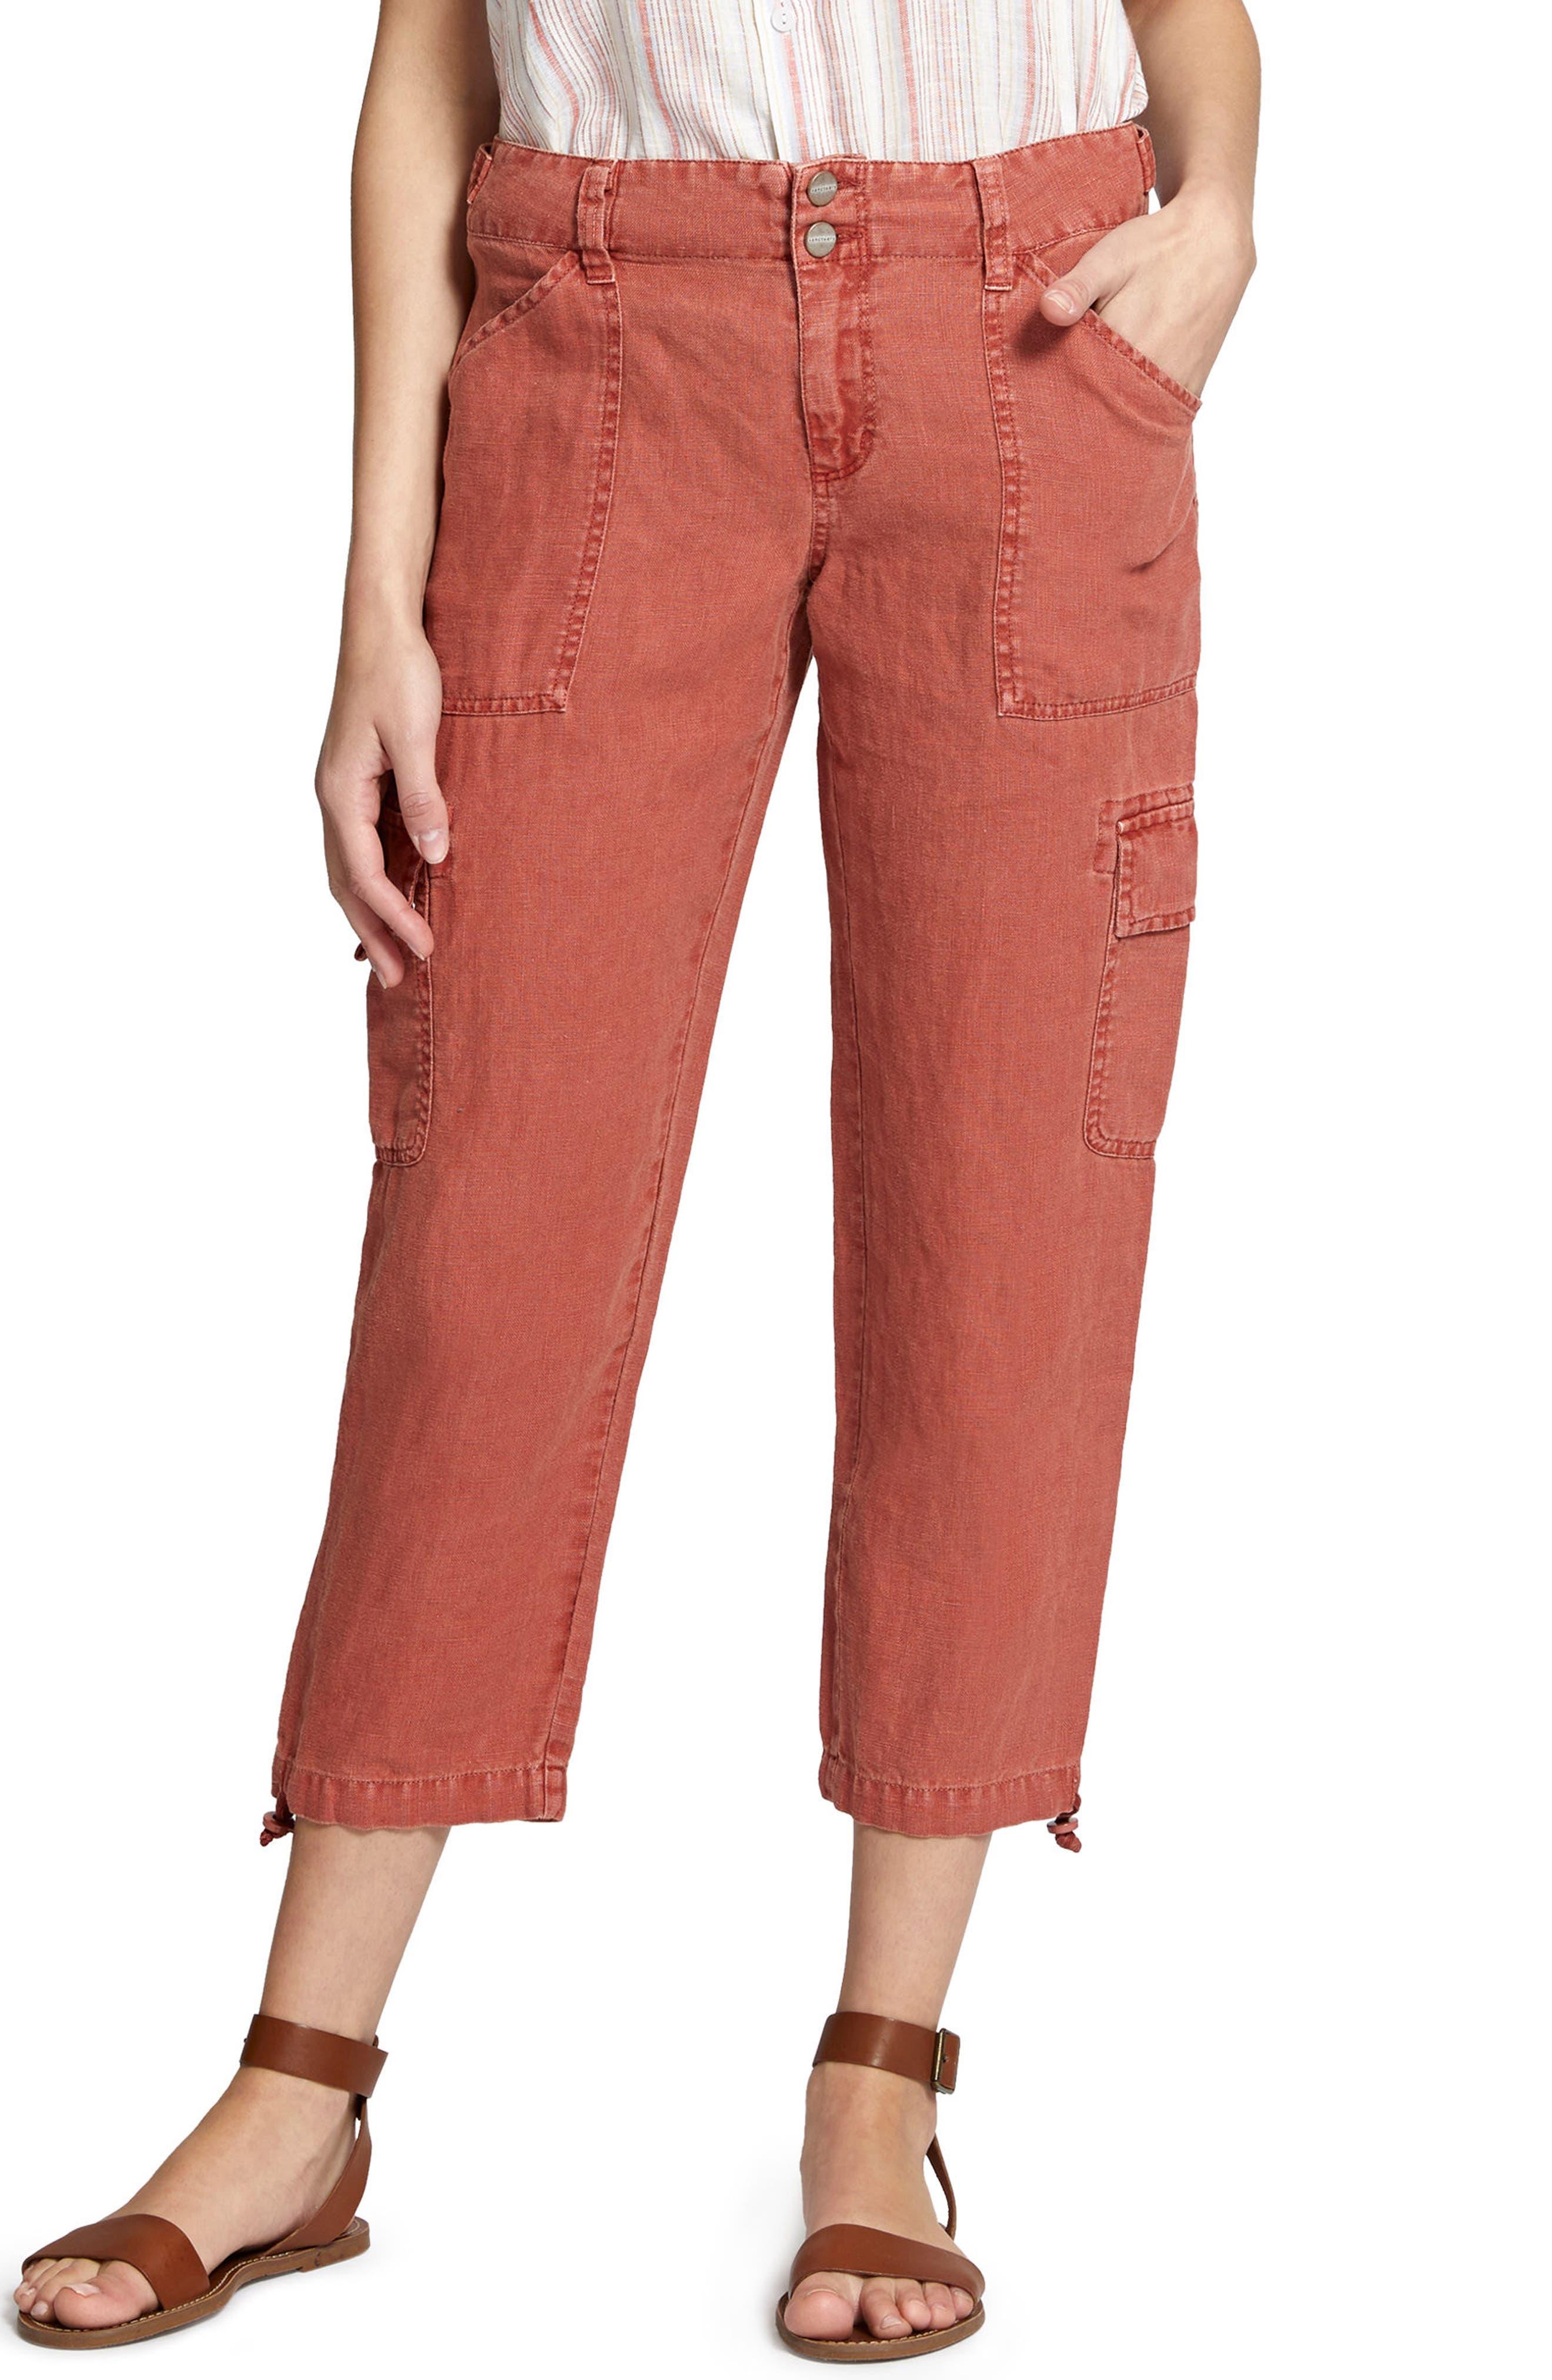 Terrain Linen Crop Cargo Pants,                         Main,                         color, Terra Cotta